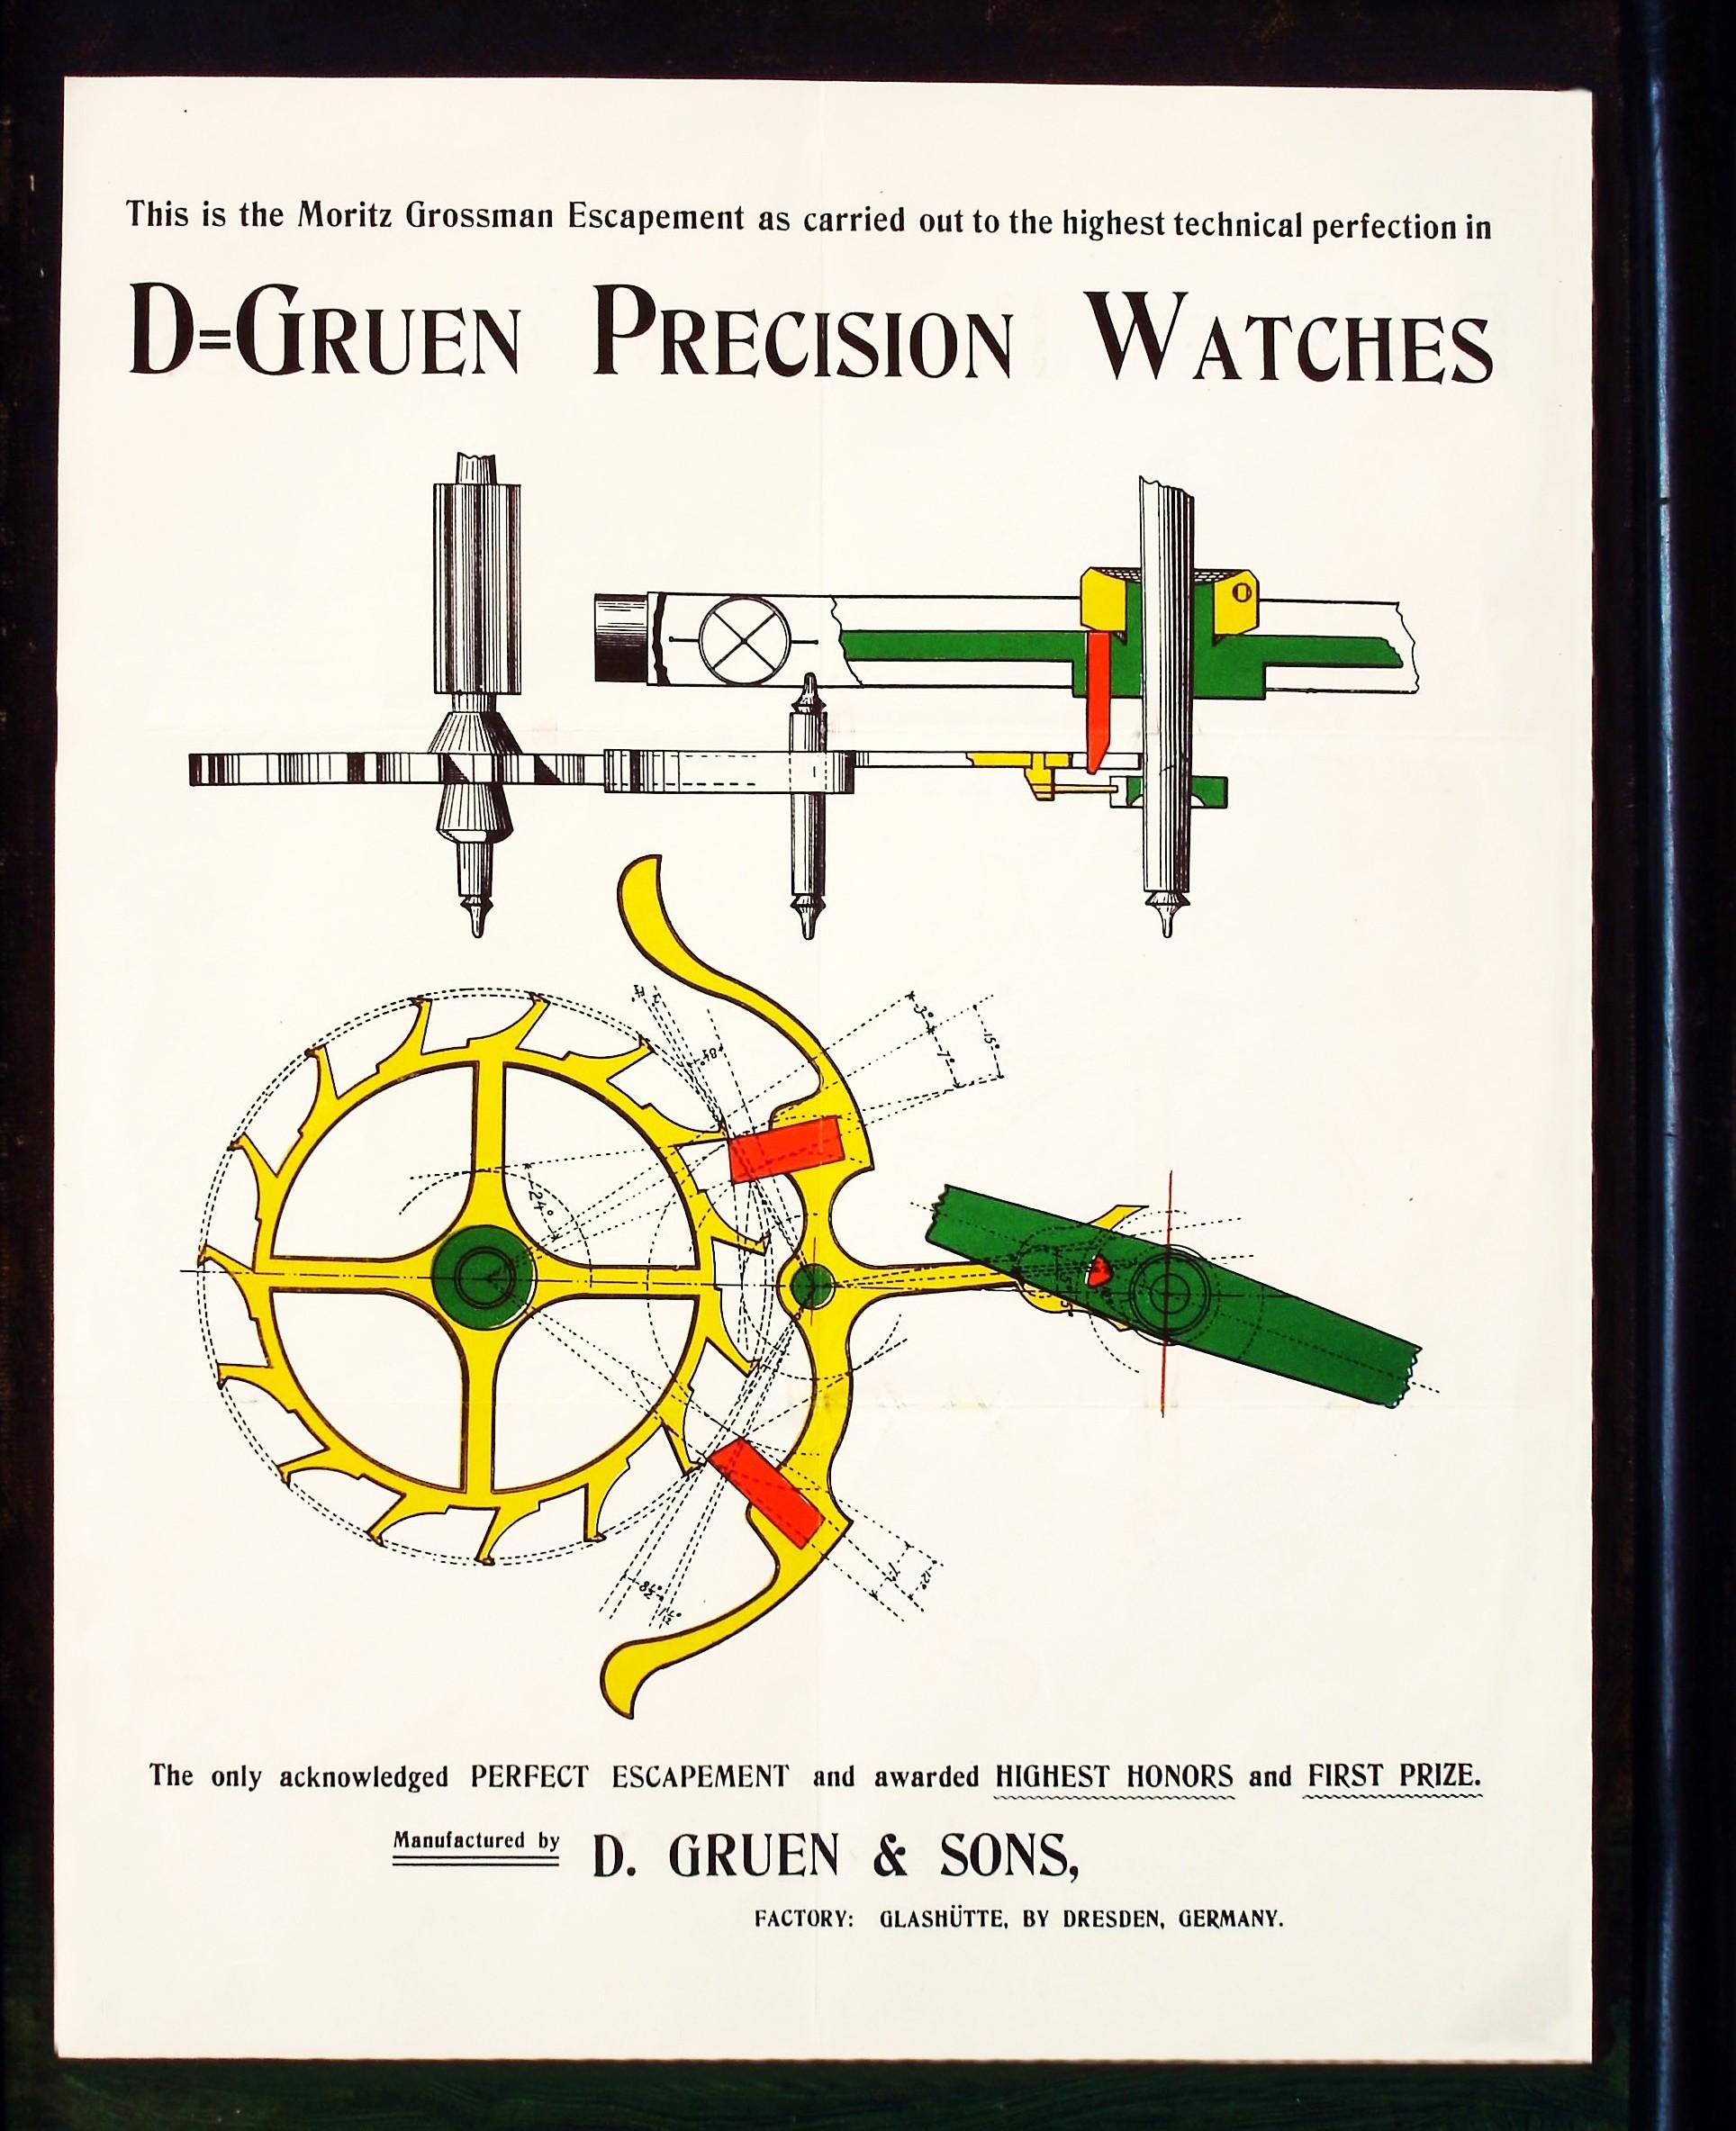 """Photo  oben : Thorsten Bechtoldt DGS Glashuette i. Sa. GmbH  : GRUEN-Precision-Hemmung Schautafel für DGS-US-Konzessionäre um 1900   OBEN:  MORITZ - GROSSMANN - """"Perfect-Escapement"""" fuer  GRUEN-PRECISON  - Uhren   von  D. GRUEN & SONS  in Glahütte i. Sa."""